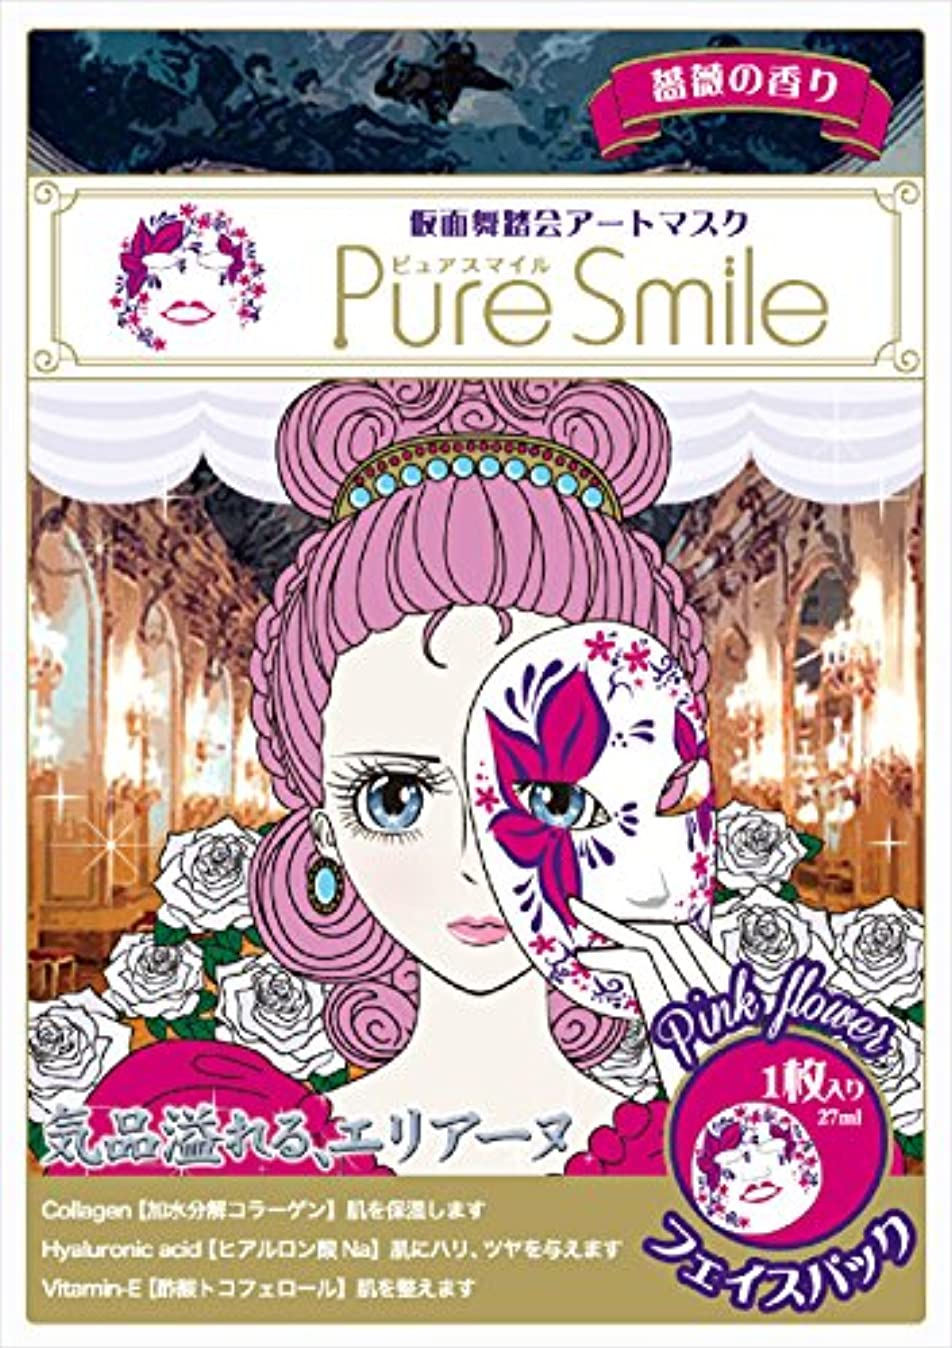 知り合いなめらかな植生Pure Smile ピュアスマイル 仮面舞踏会アートマスク ピンクフラワー